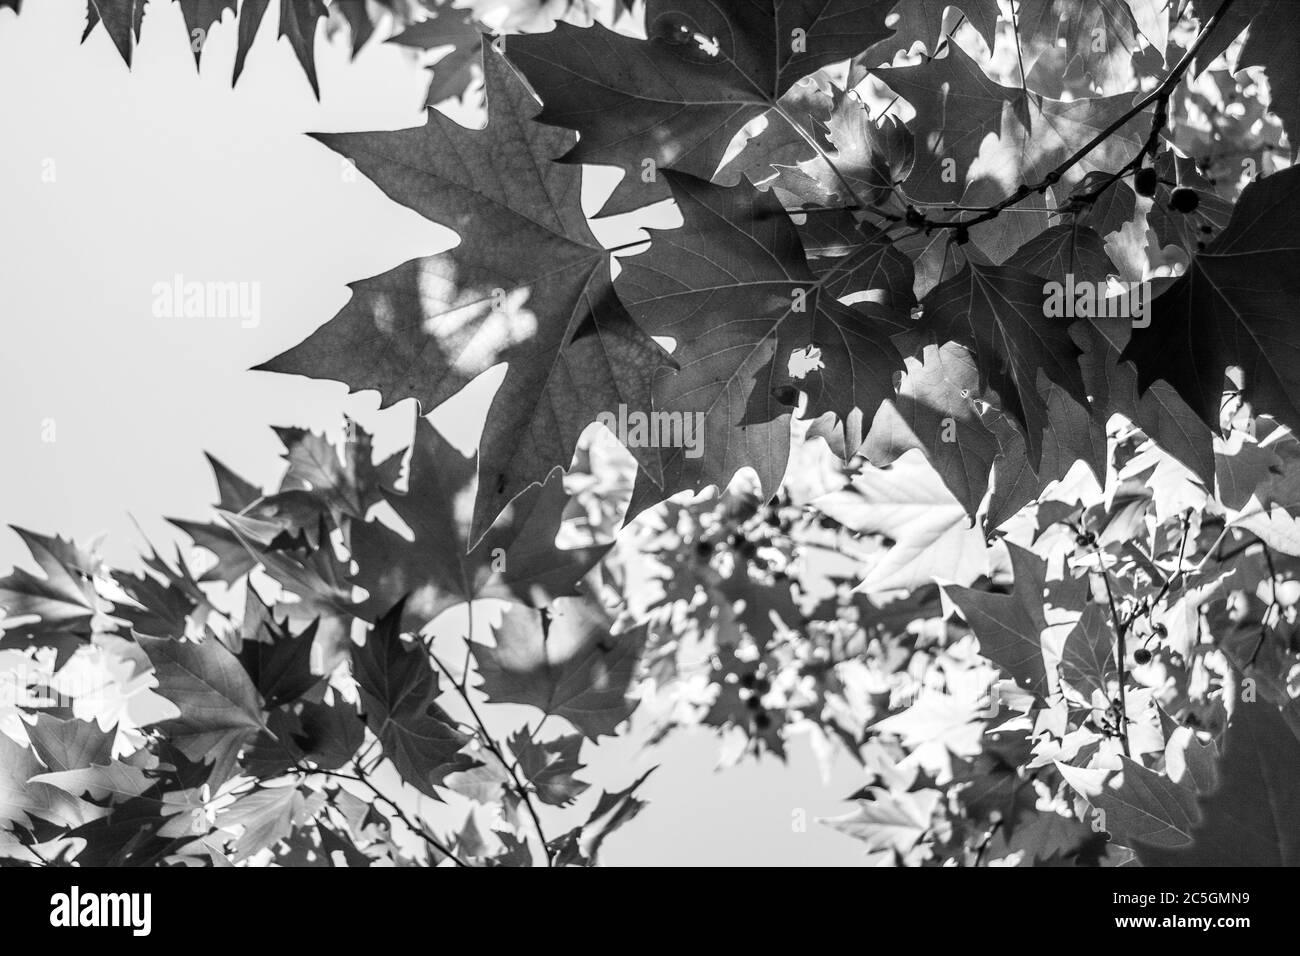 Ein Bild von Blättern aus einem Baum, der vom Boden aus aufgenommen wurde. Stockfoto